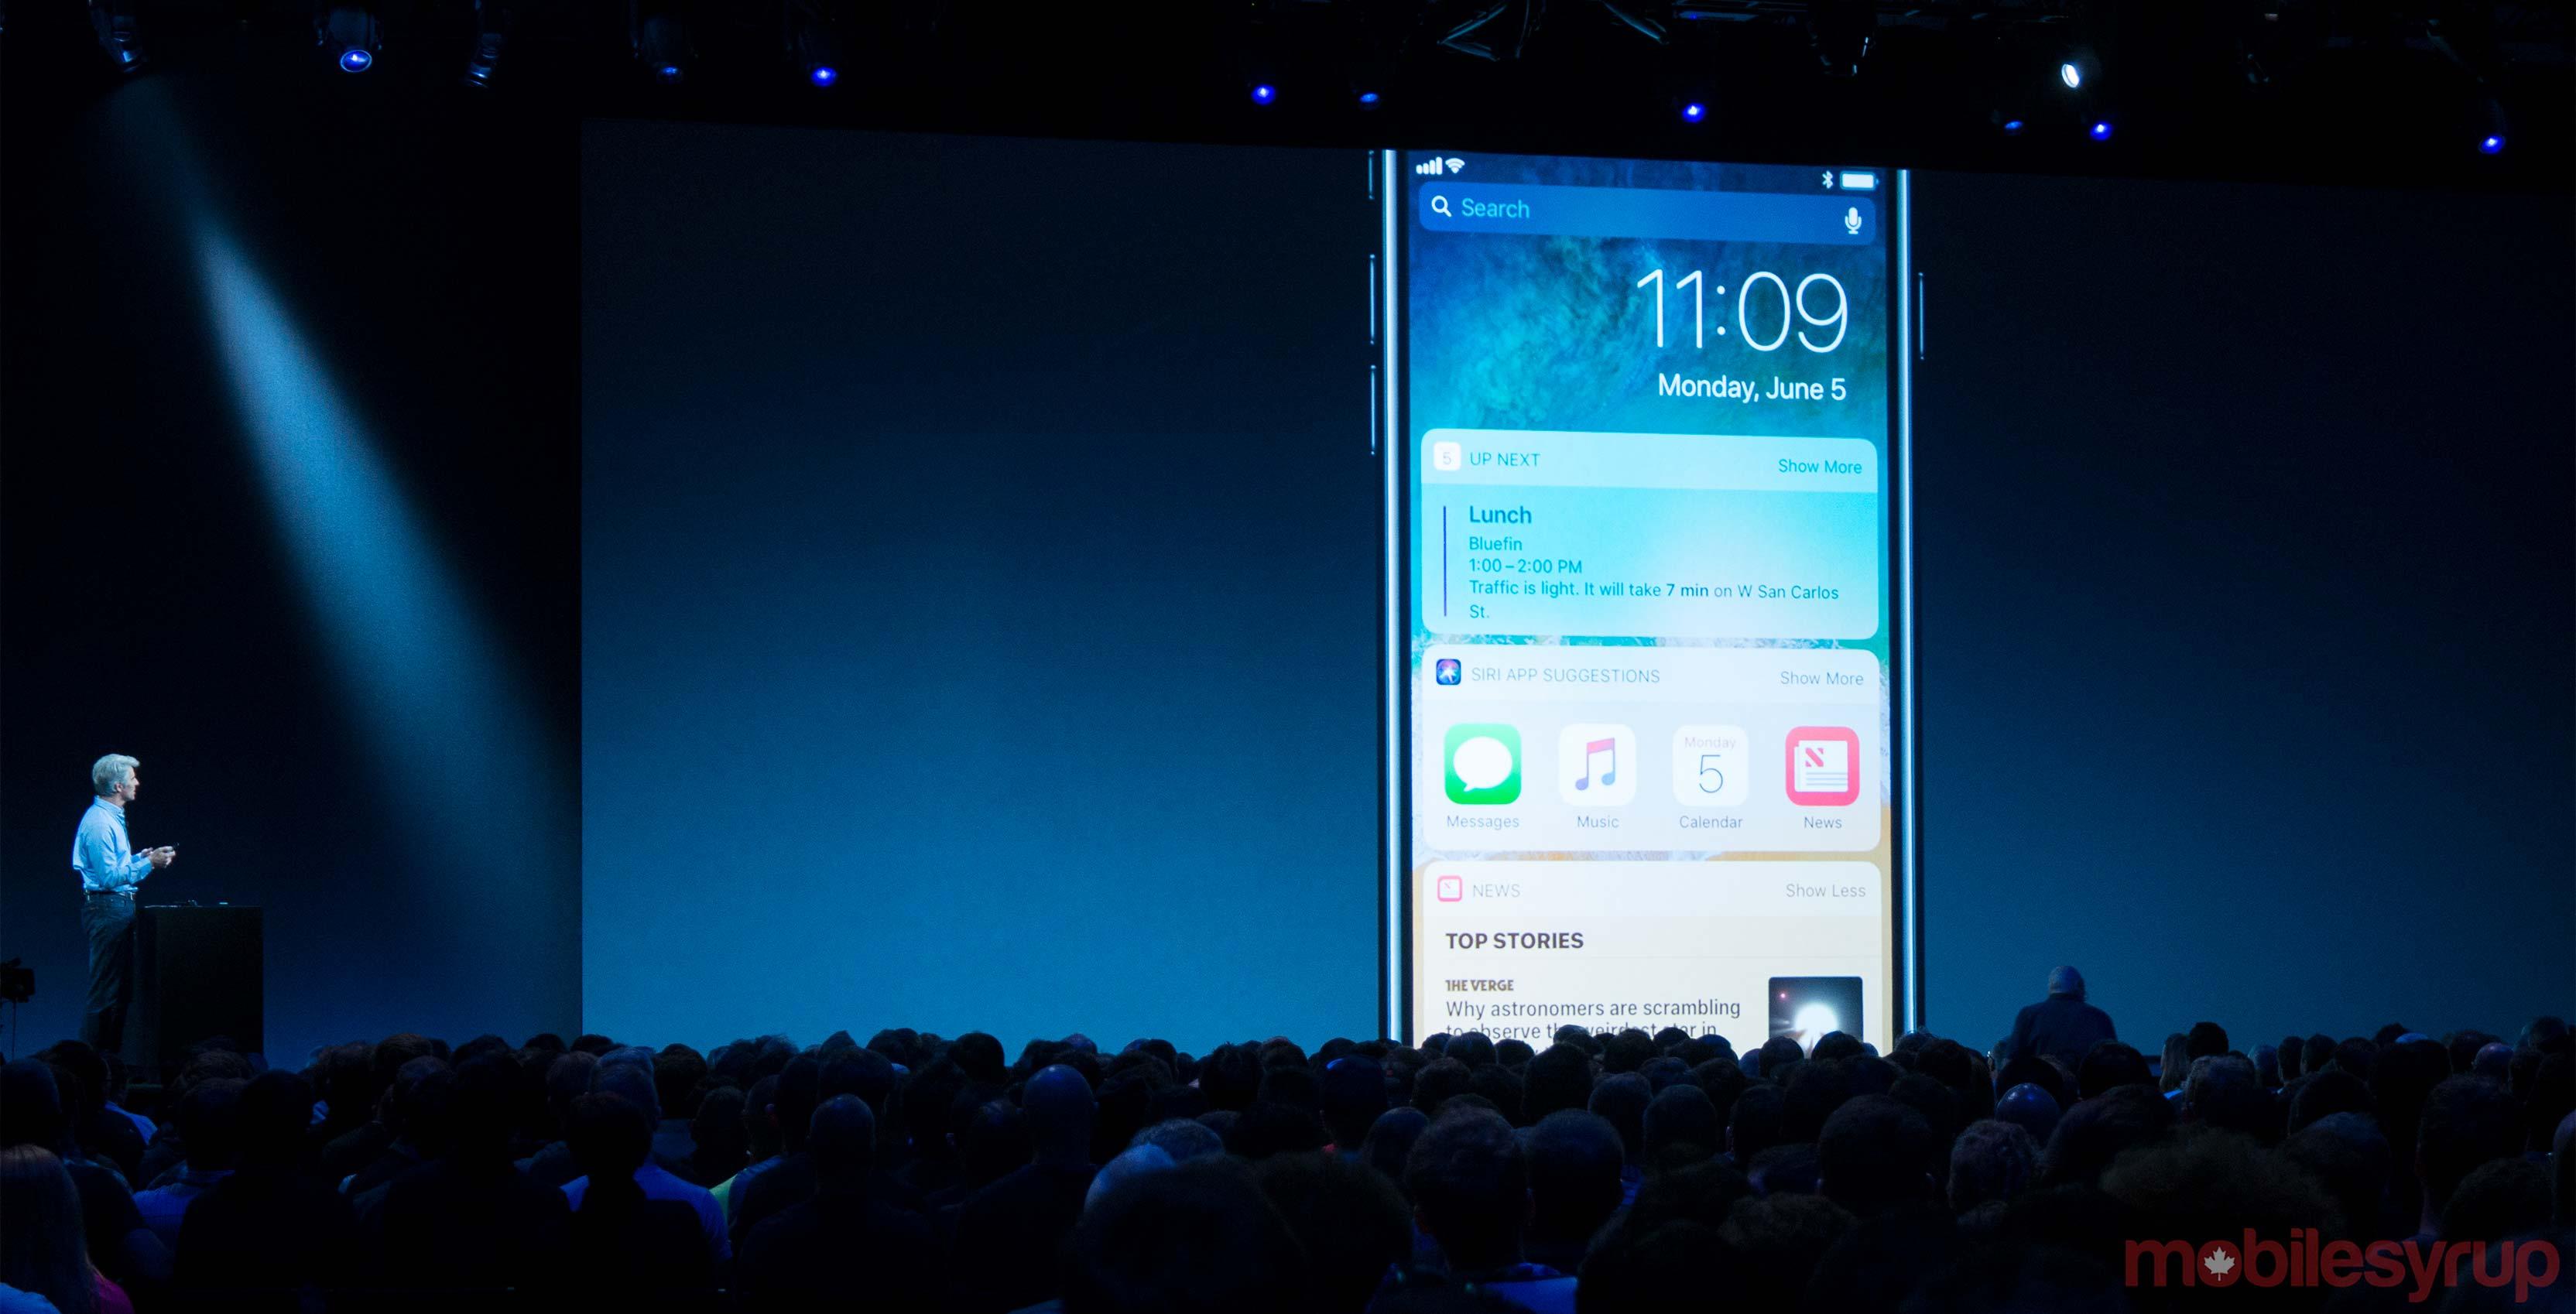 iOS 11 WWDC